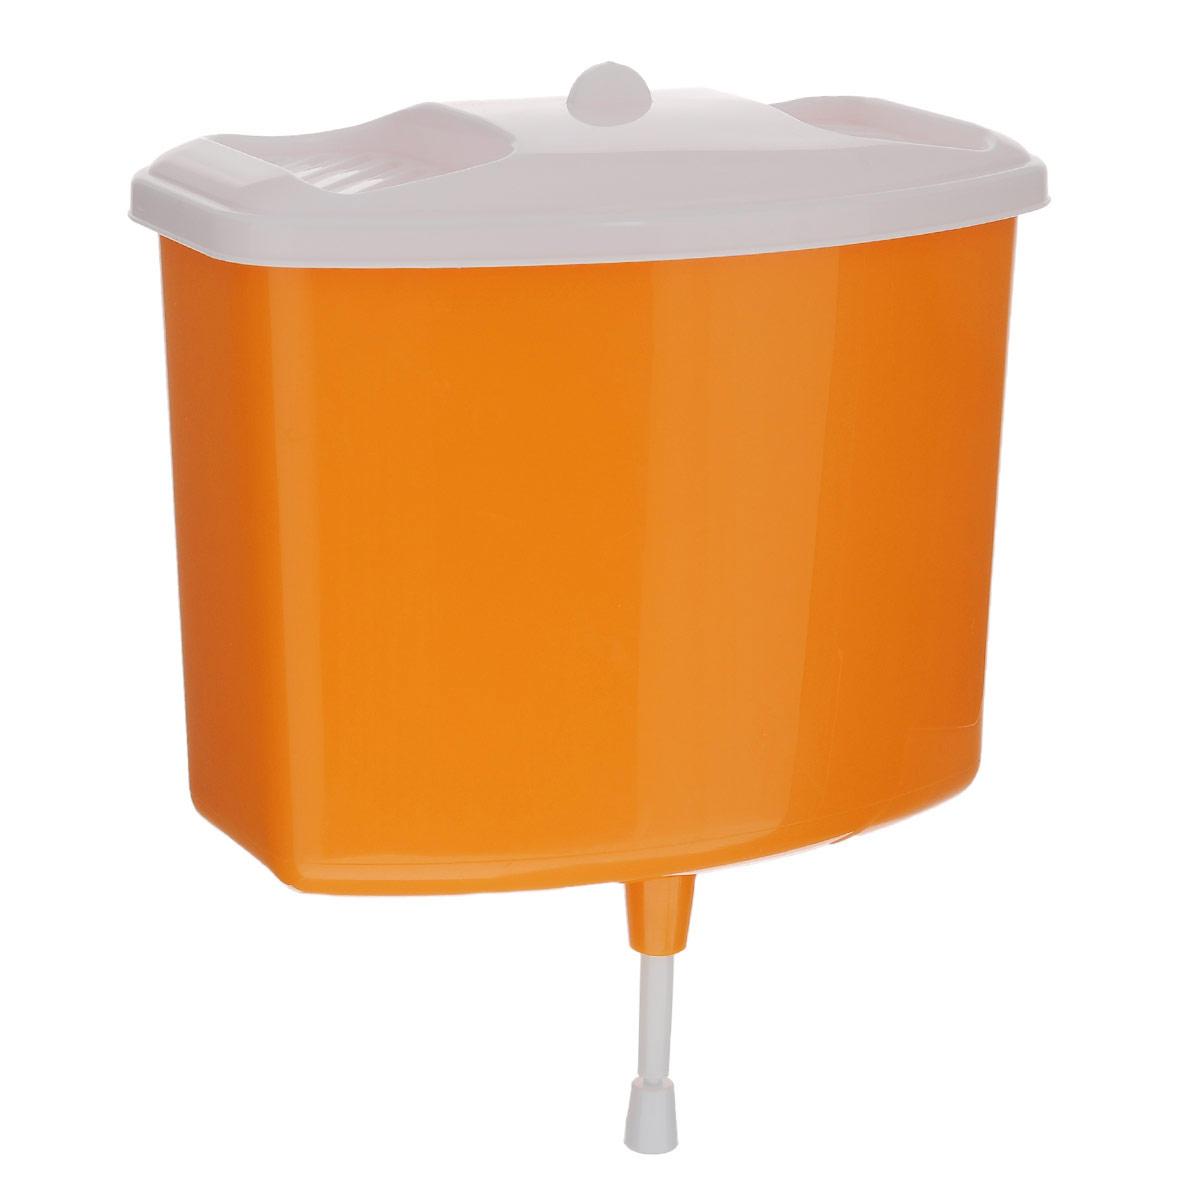 Рукомойник Альтернатива, цвет: оранжевый, 5 лM367Рукомойник Альтернатива изготовлен из пластика. Он предназначен для умывания в саду или на даче. Яркий и красочный, он отлично впишется в окружающую обстановку. Петли предоставляют вертикальное крепление рукомойника. Изделие оснащено крышкой, которая предотвращает попадание мусора. Также на крышке имеется две выемки для мыла. Рукомойник Альтернатива надежный и удобный в использовании.Размер рукомойника: 26,5 см х 15 см.Высота (без учета крышки): 23 см.